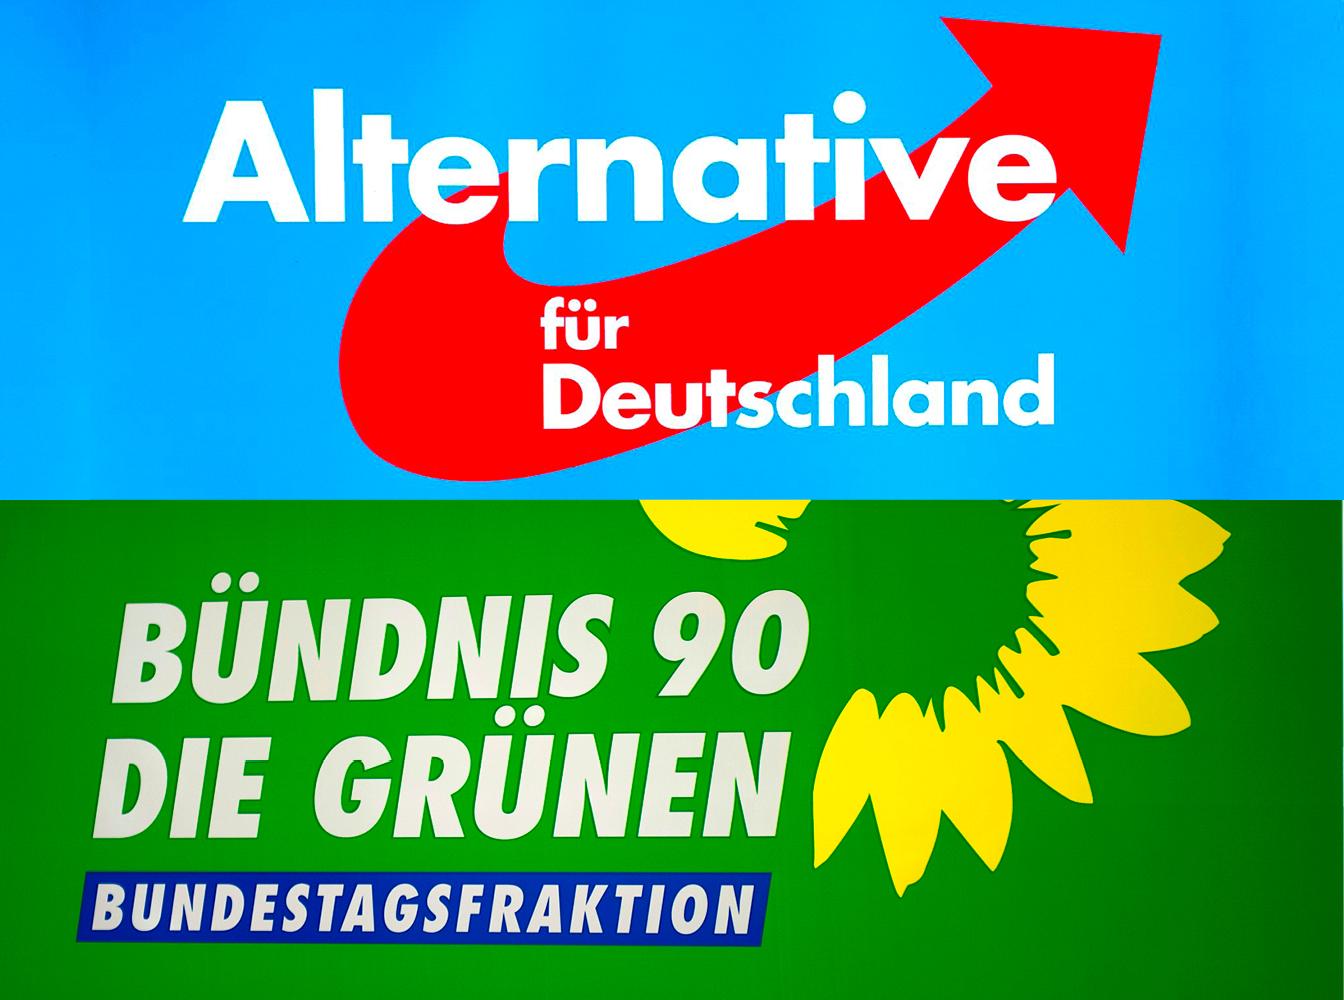 """Grüne: Union hat """"kein Dauerabo aufs Kanzleramt"""" –  AfD verliert viele Stimmen: """"Glaubwürdigkeitsverlust ist tödlich"""""""